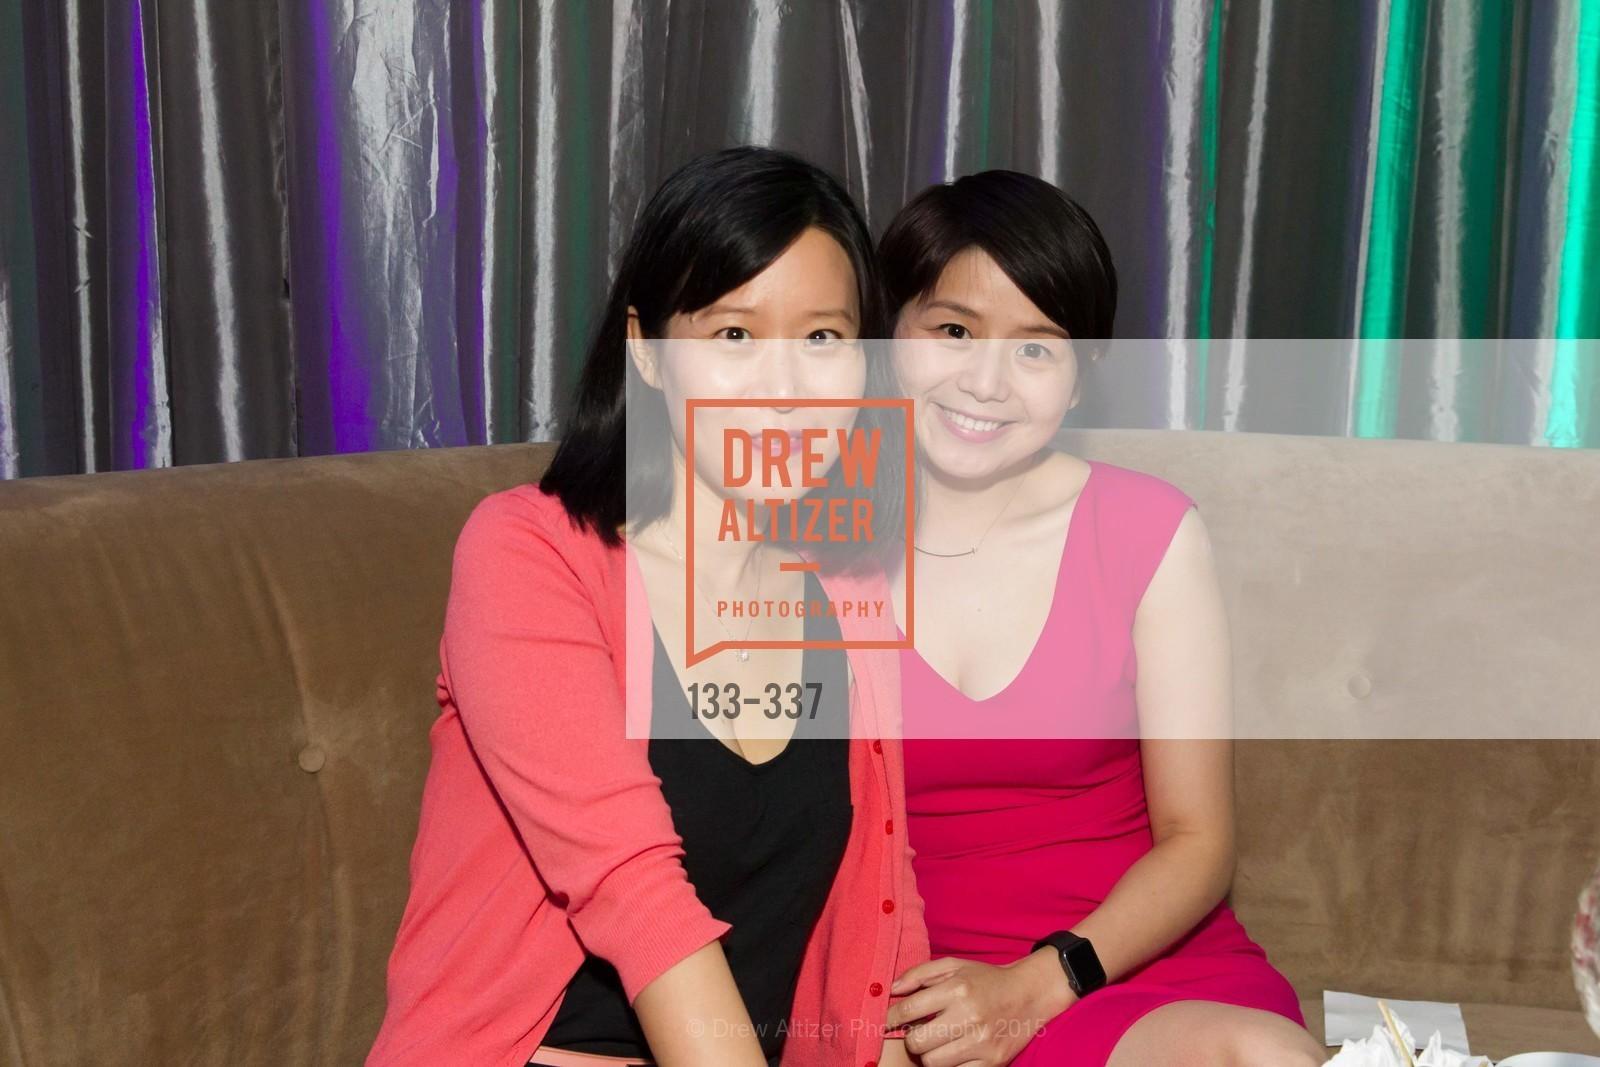 Betty Te, Grace Wong, Photo #133-337